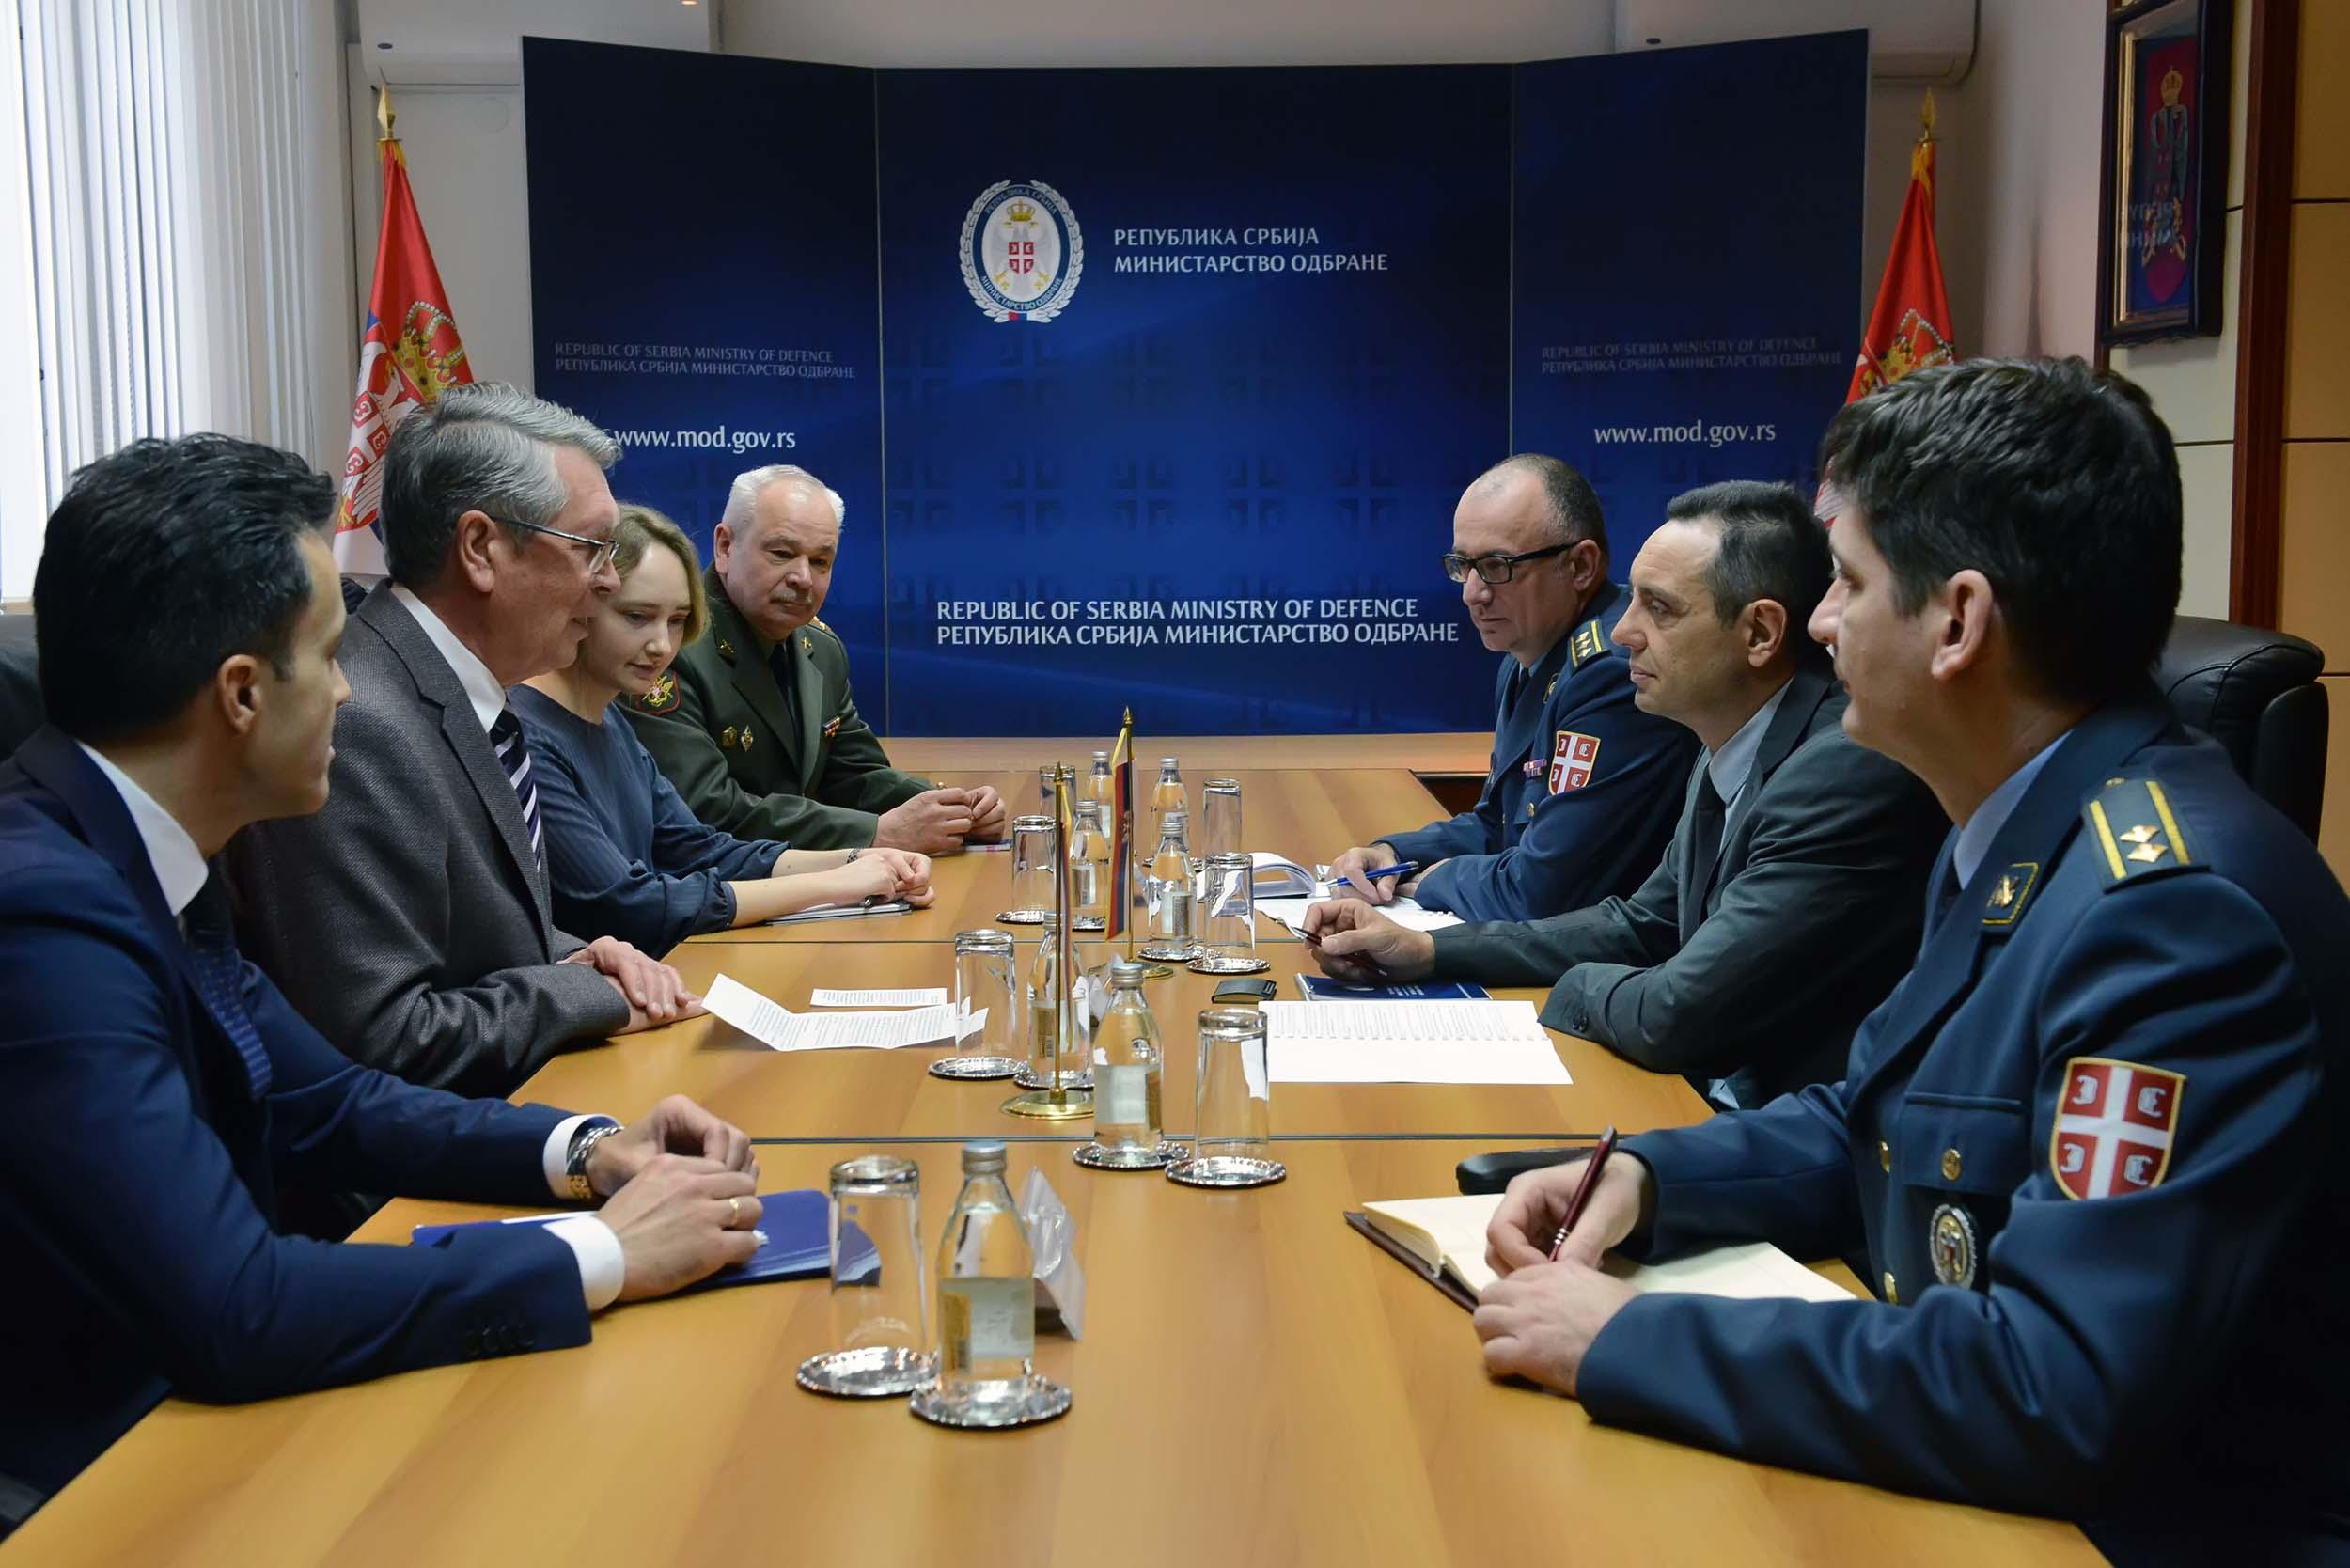 Остварен велики напредак у војнотехничкој сарадњи Русије и Србије